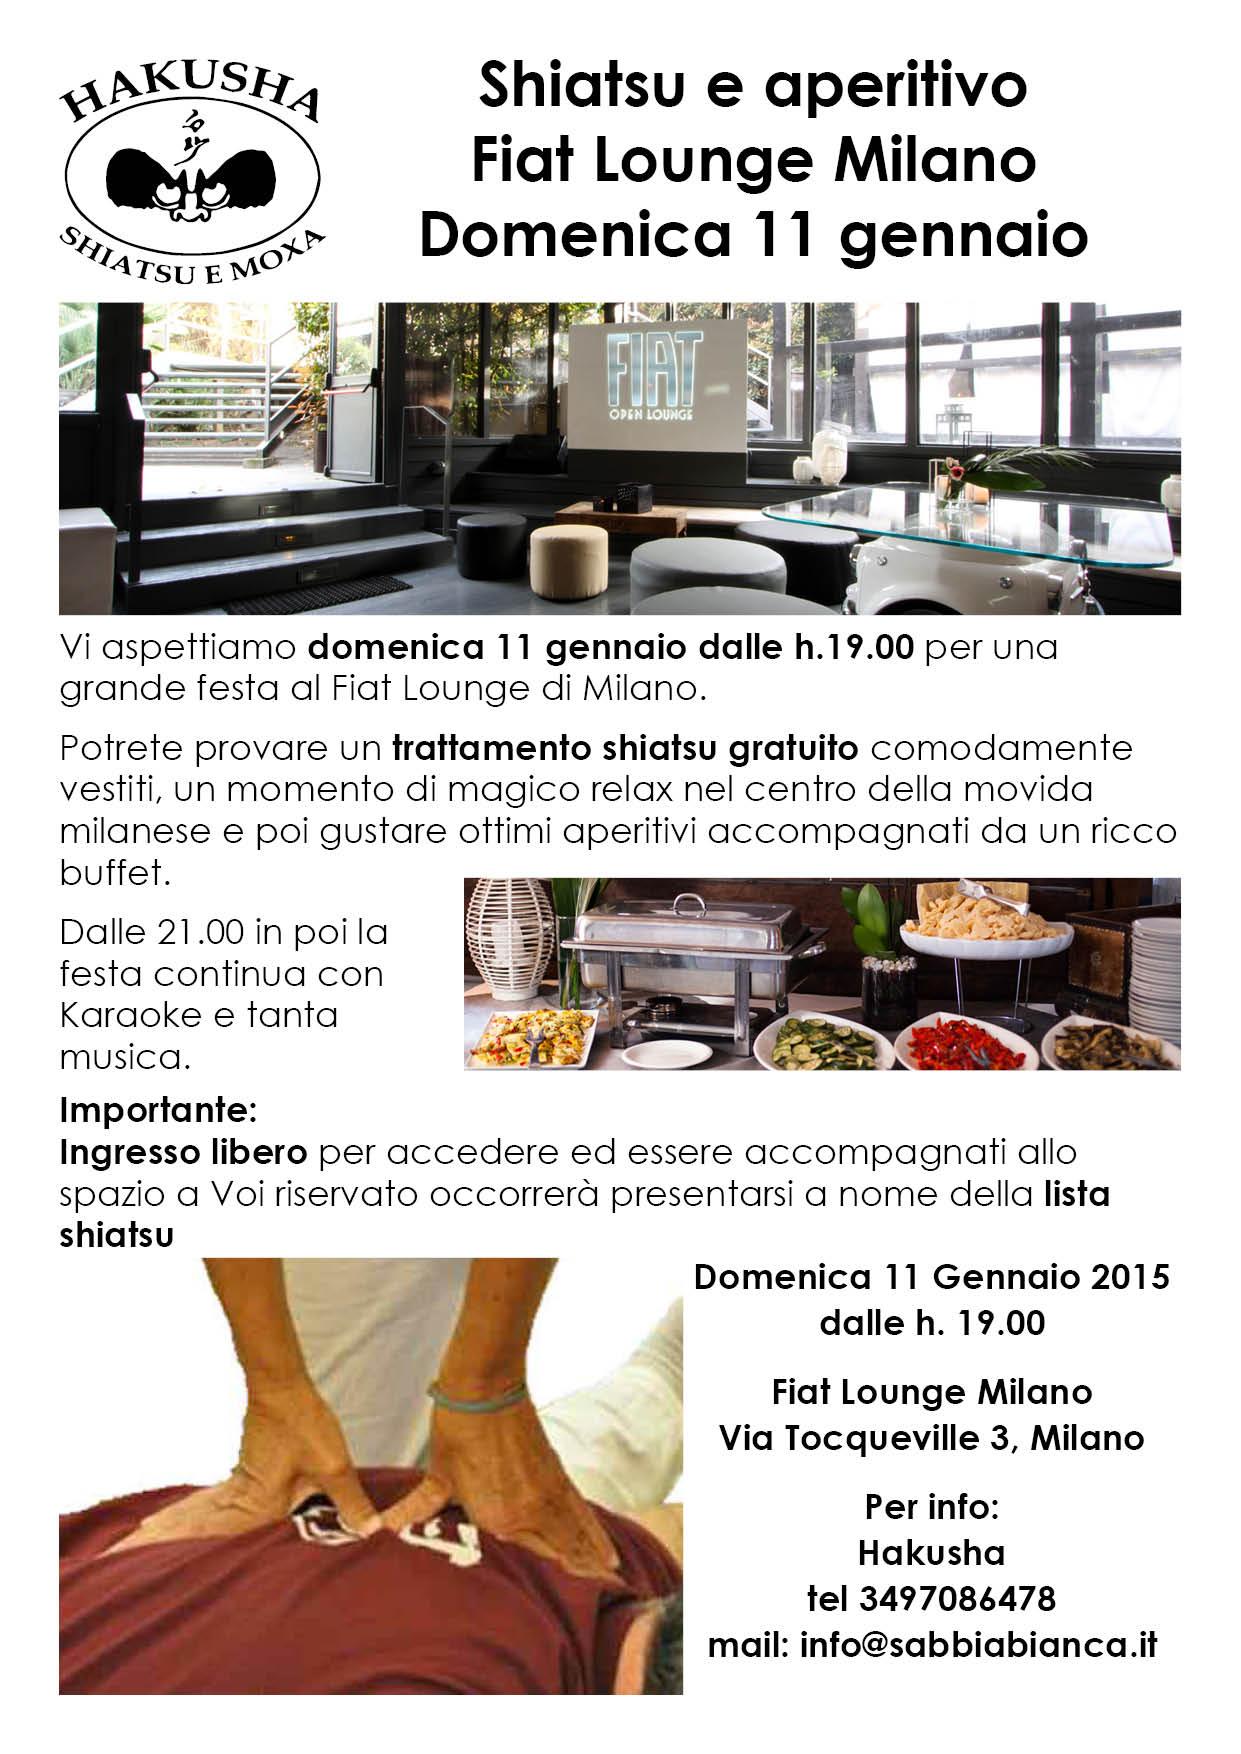 Shiatsu e Aperitivo 11 gennaio 2015 Milano